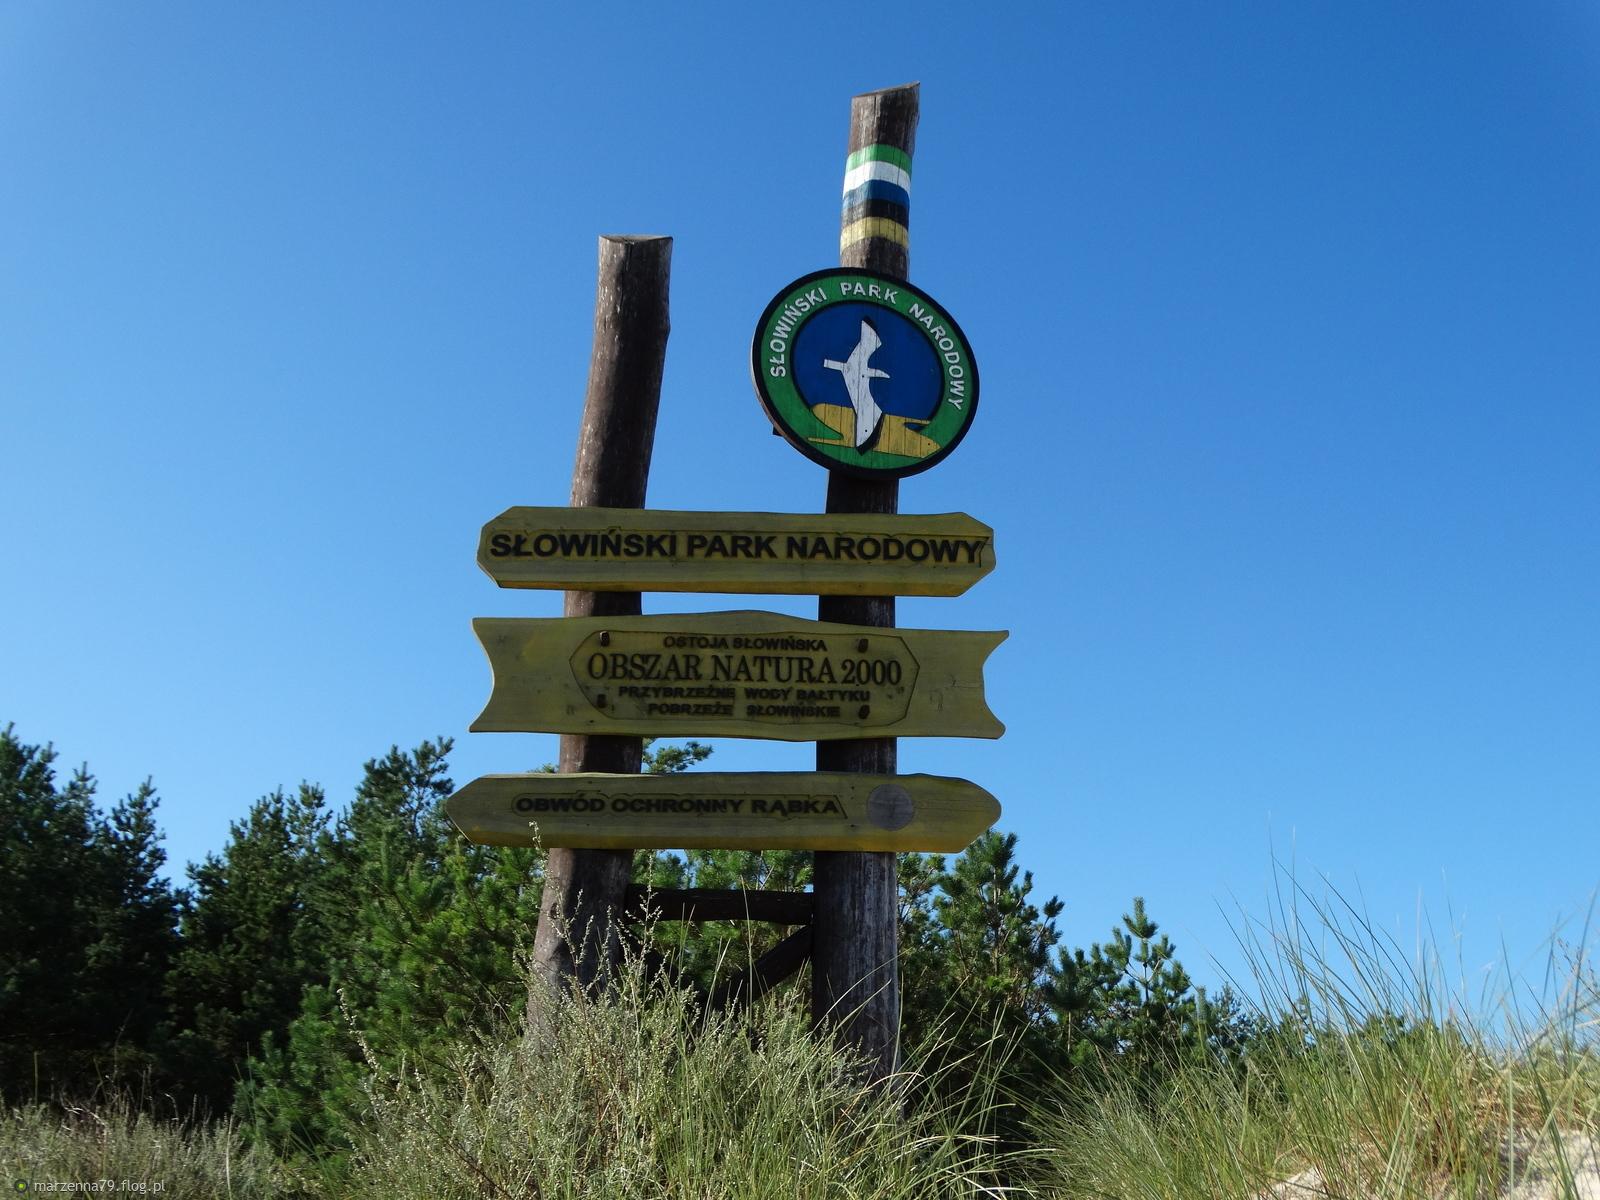 Łeba - Roślinność w Słowińskim Parku Narodowym dla Ciebie Jurku ze słonecznymi pozdrowieniami ☼